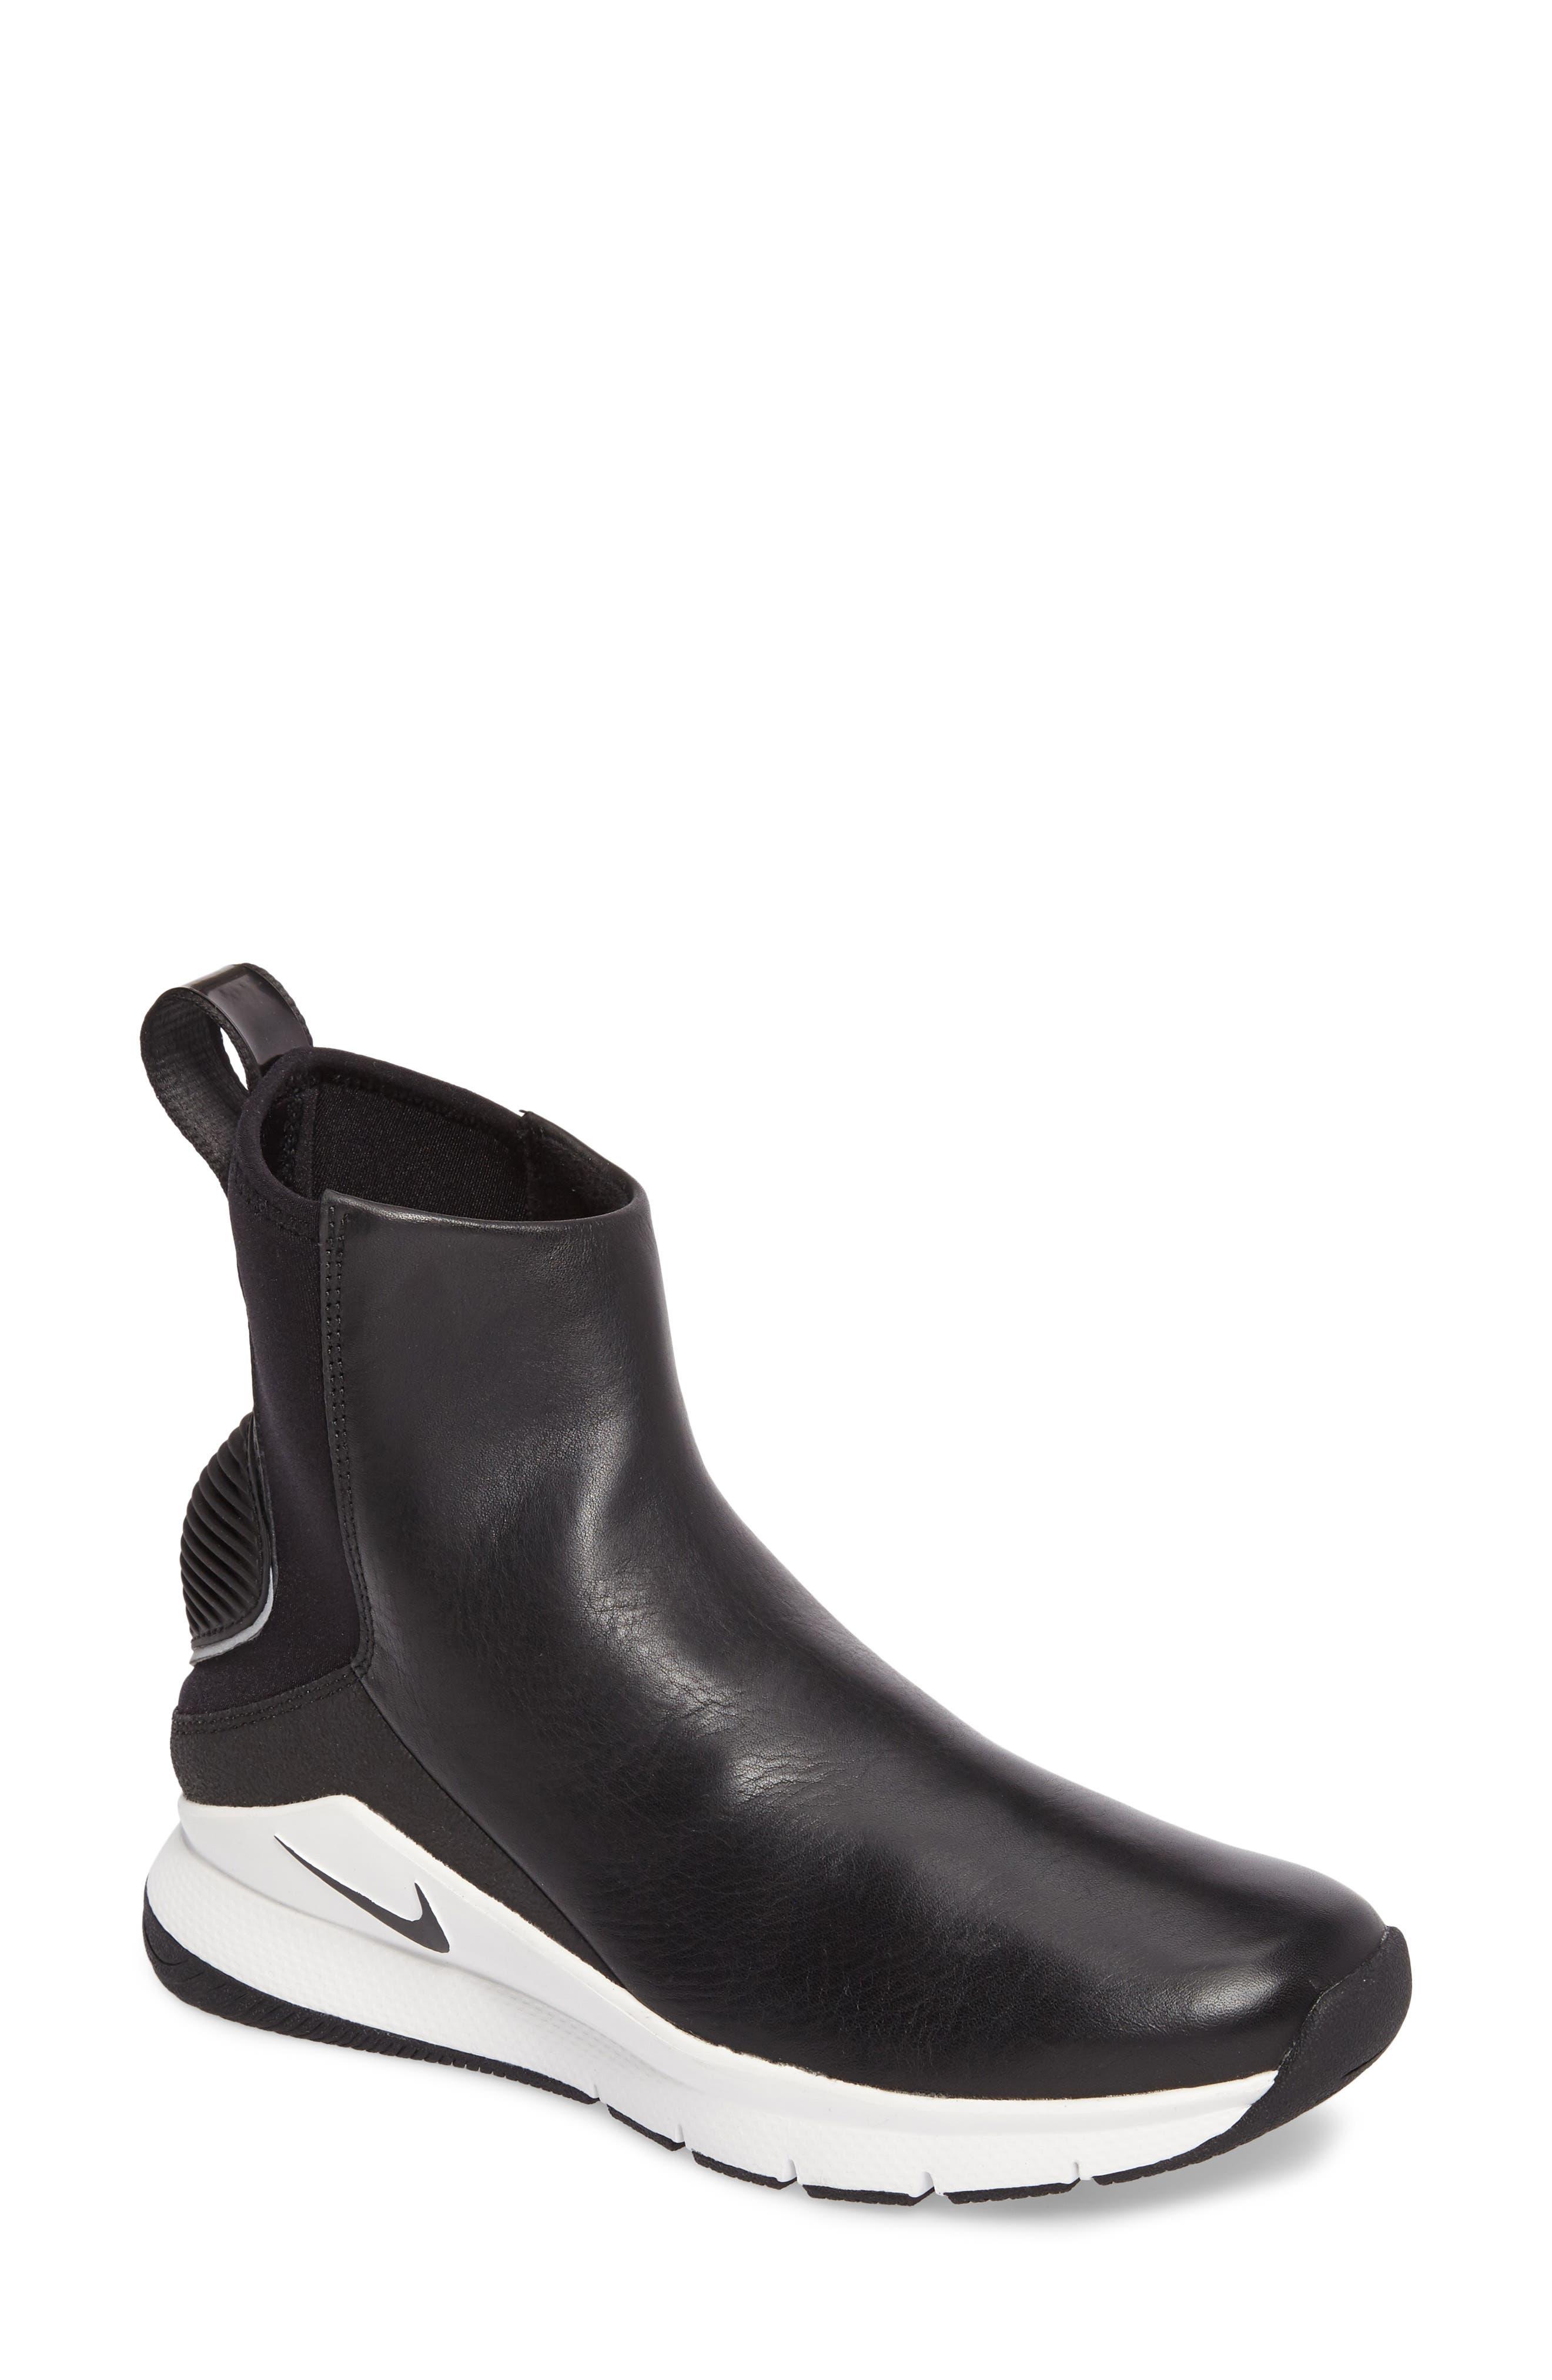 Rivah High Premium Waterproof Sneaker Boot, Main, color, 001